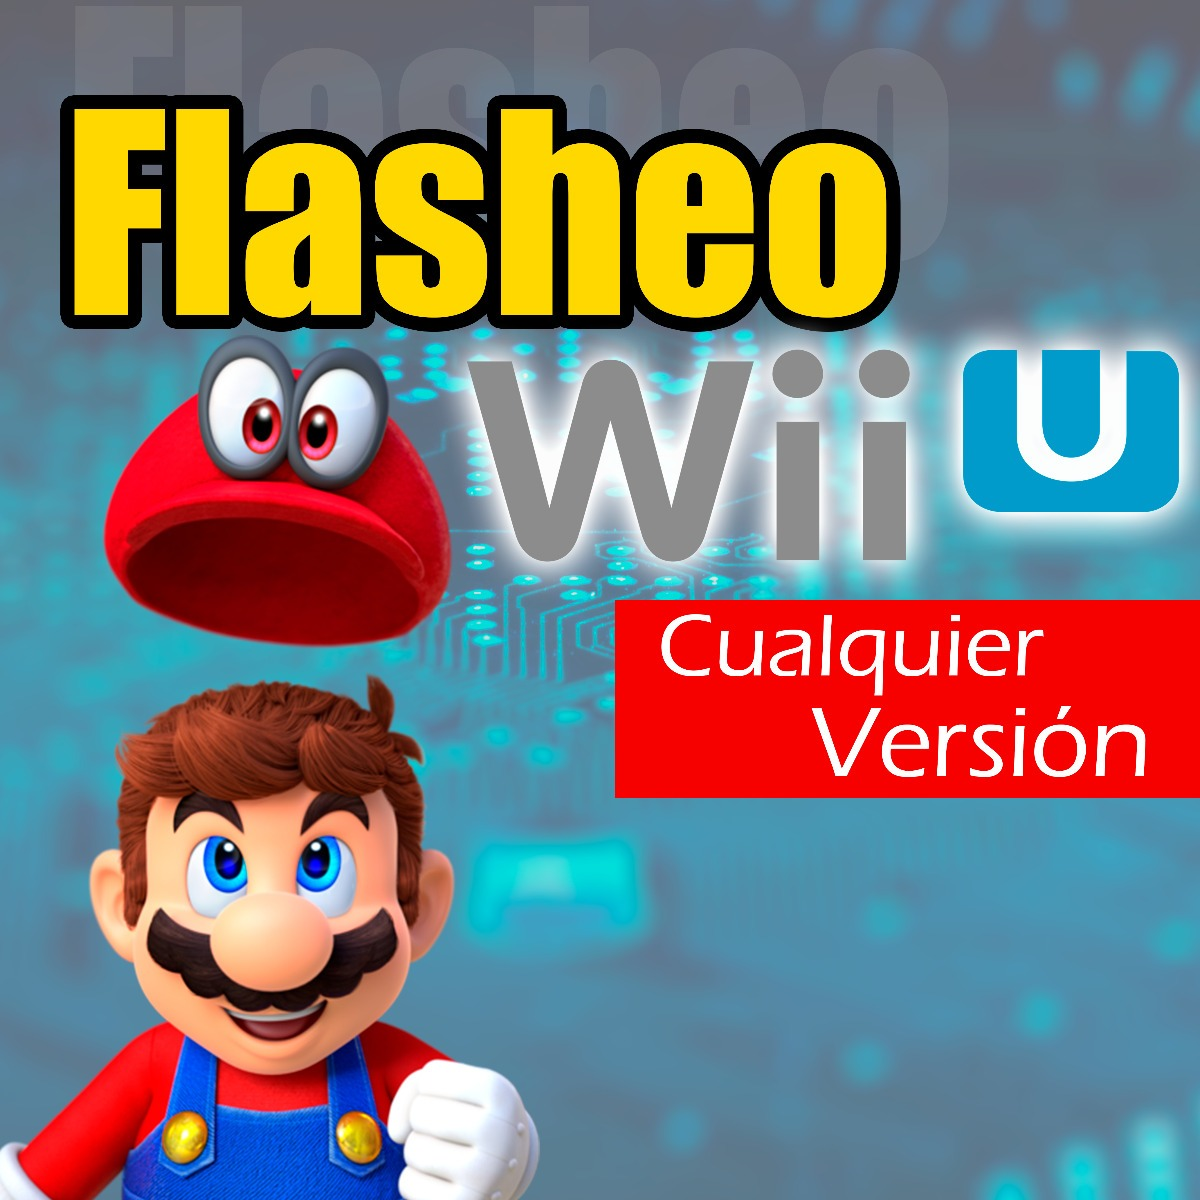 Flasheo Wii U 2018 Todas Las Versiones Juegos Para Wii U S 60